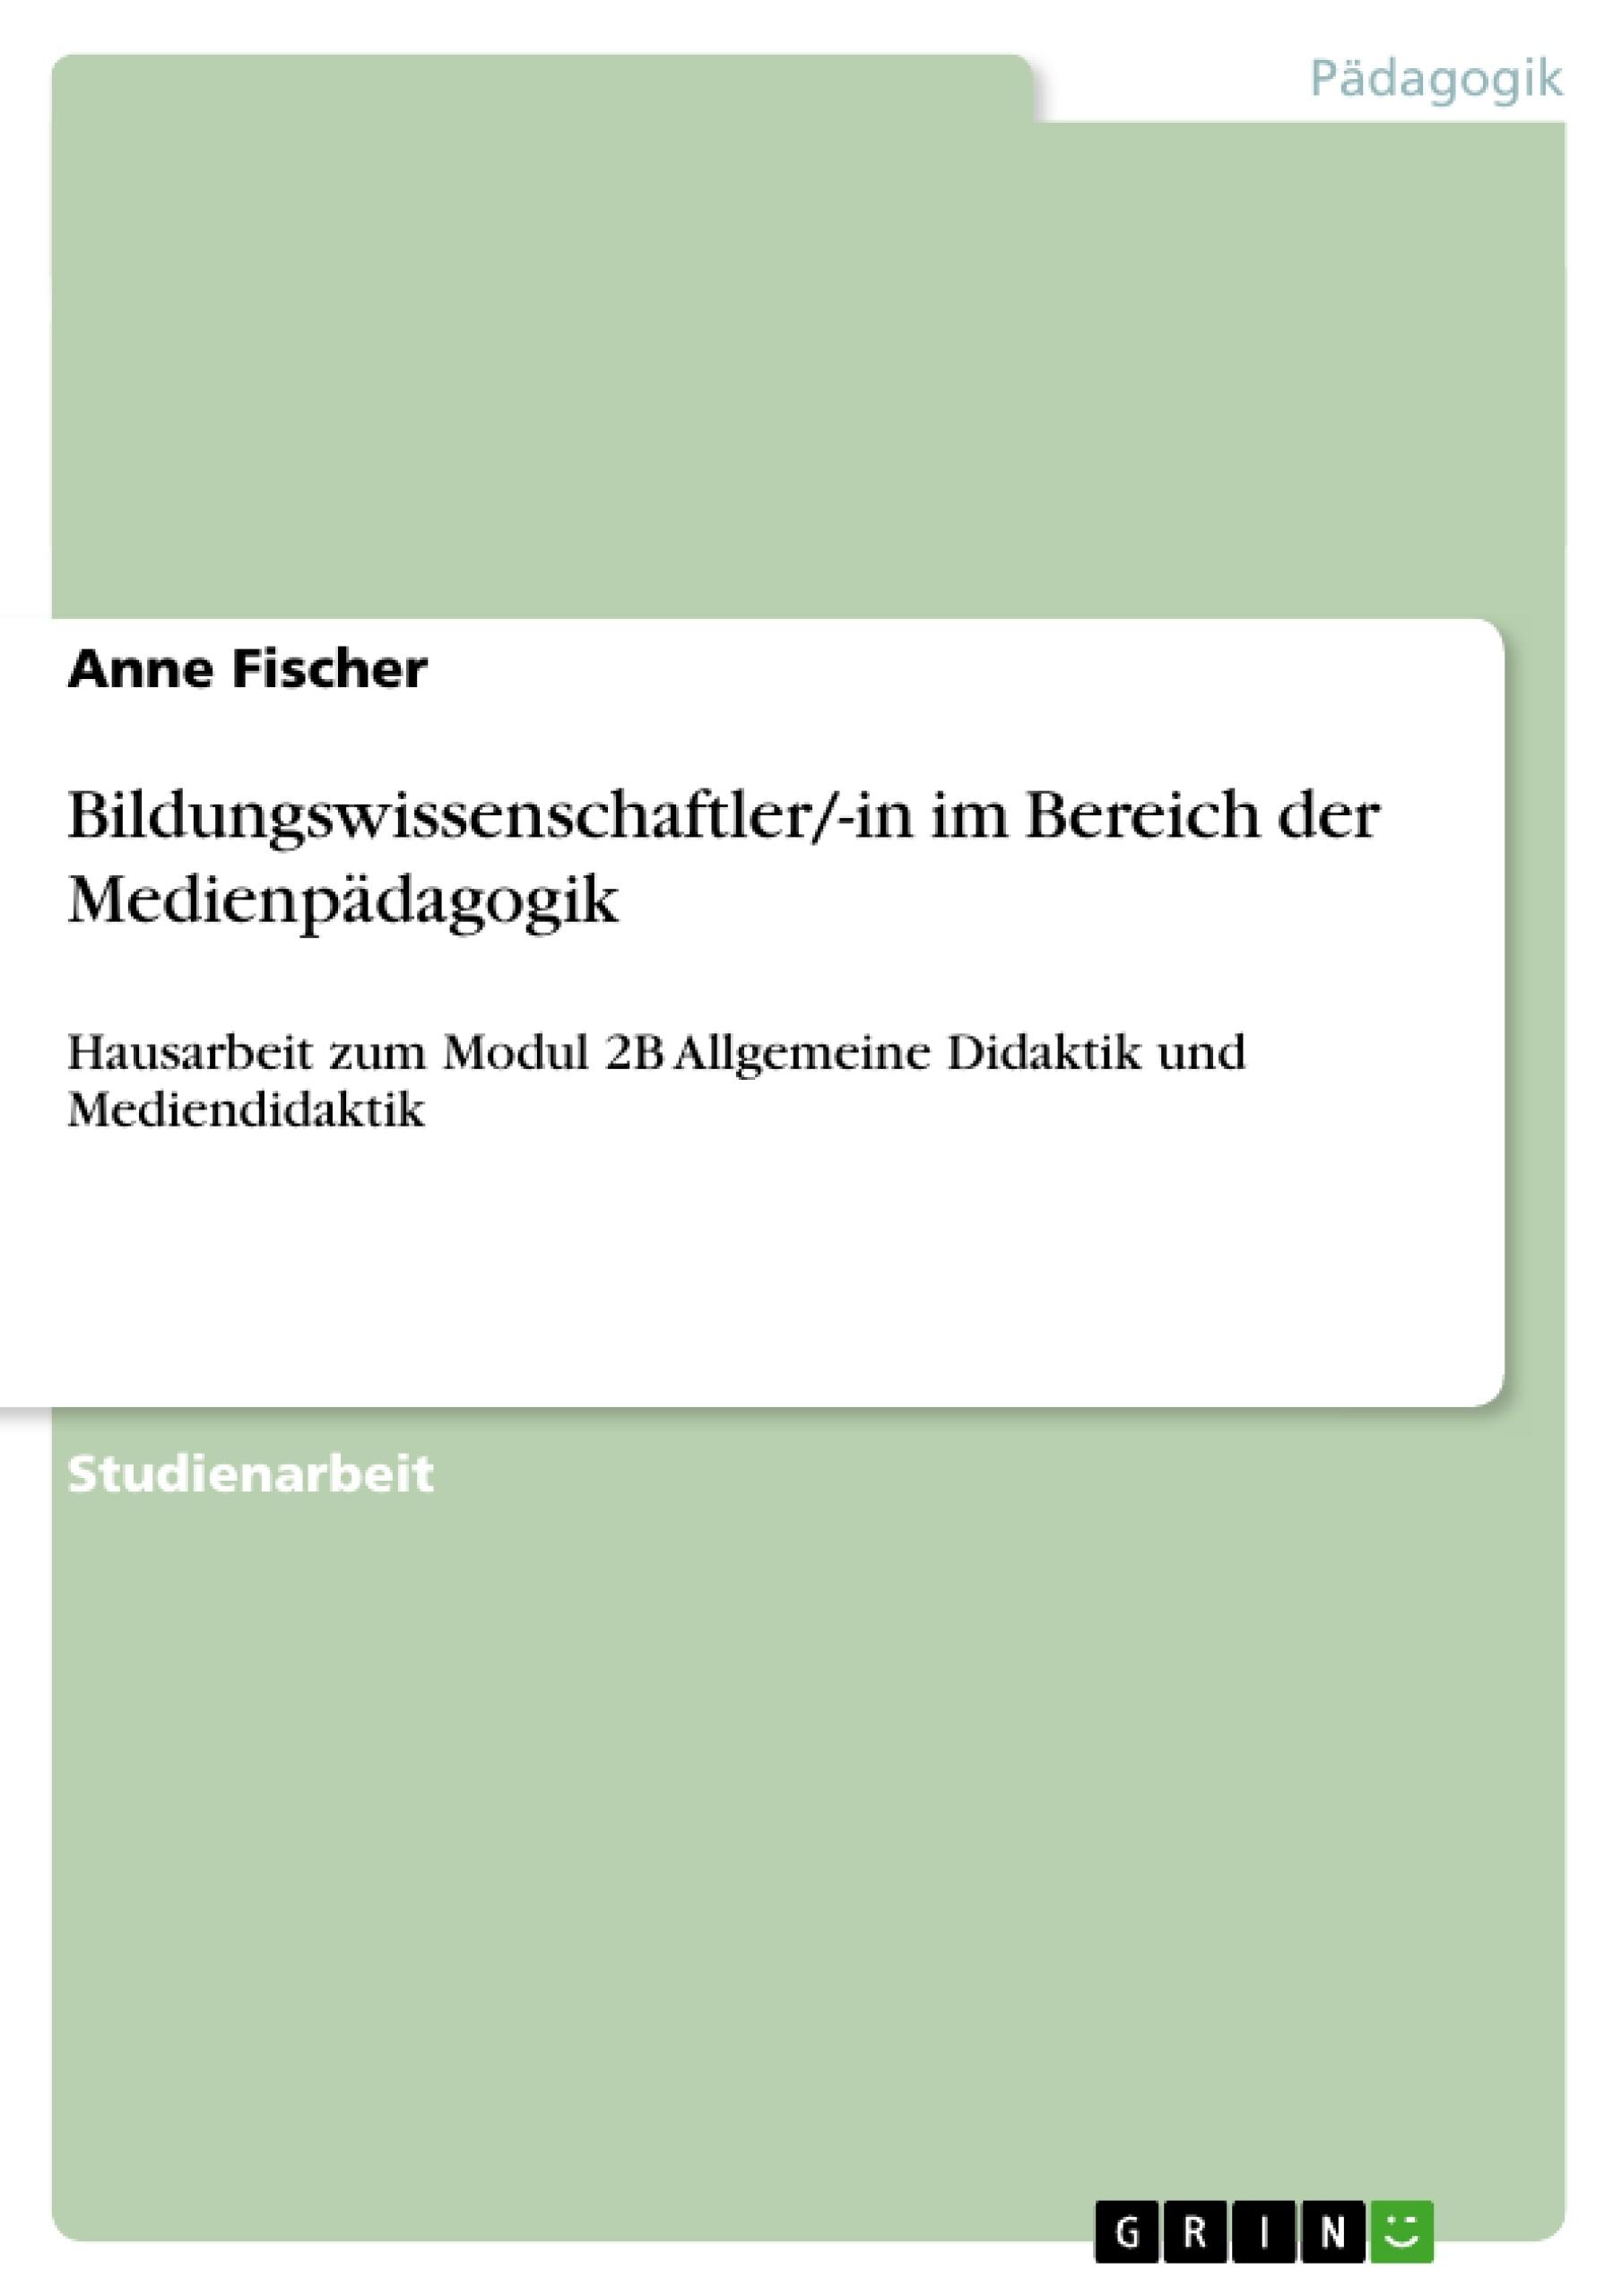 Titel: Bildungswissenschaftler/-in im Bereich der Medienpädagogik